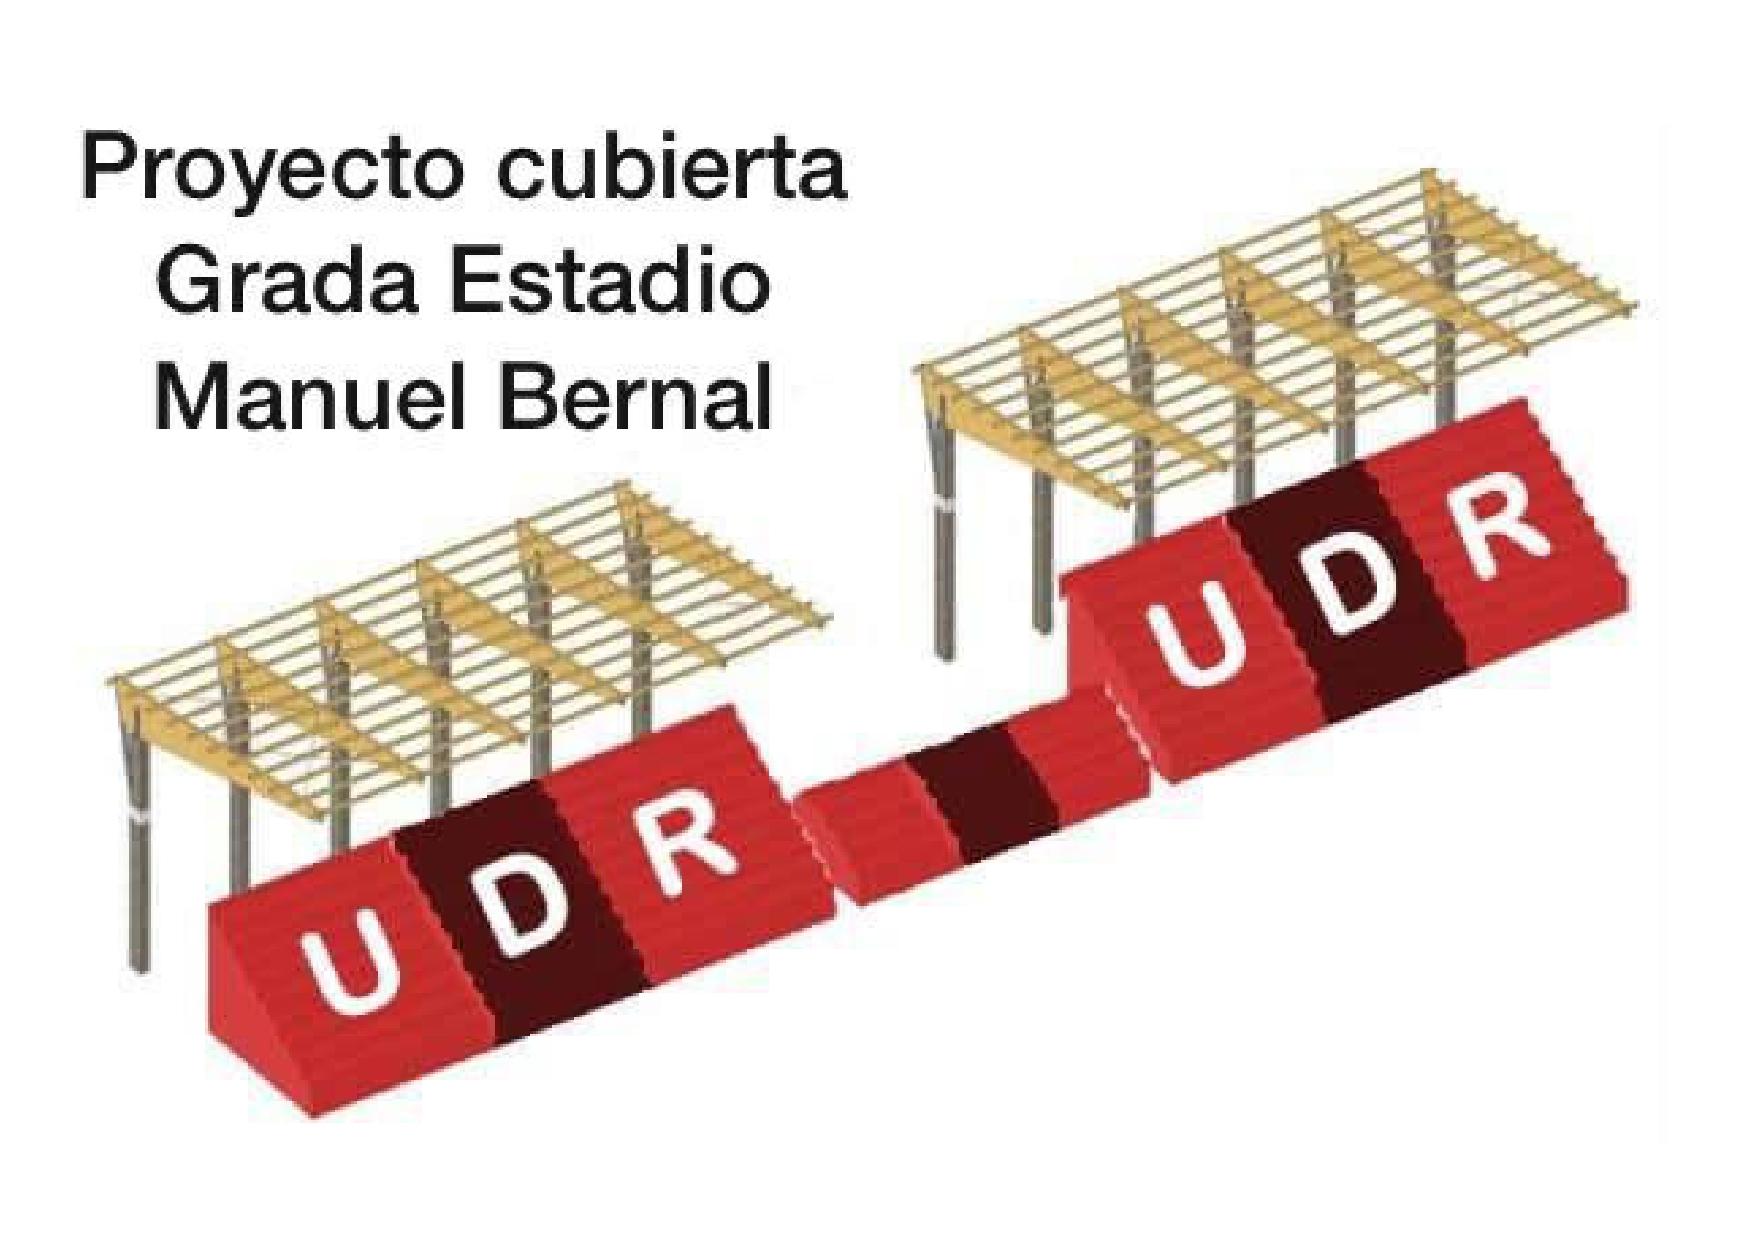 sdsPresupuestos participativos municipales.- Instalación cubierta tribuna Estadio Manuel Bernal Sánchez-Romero